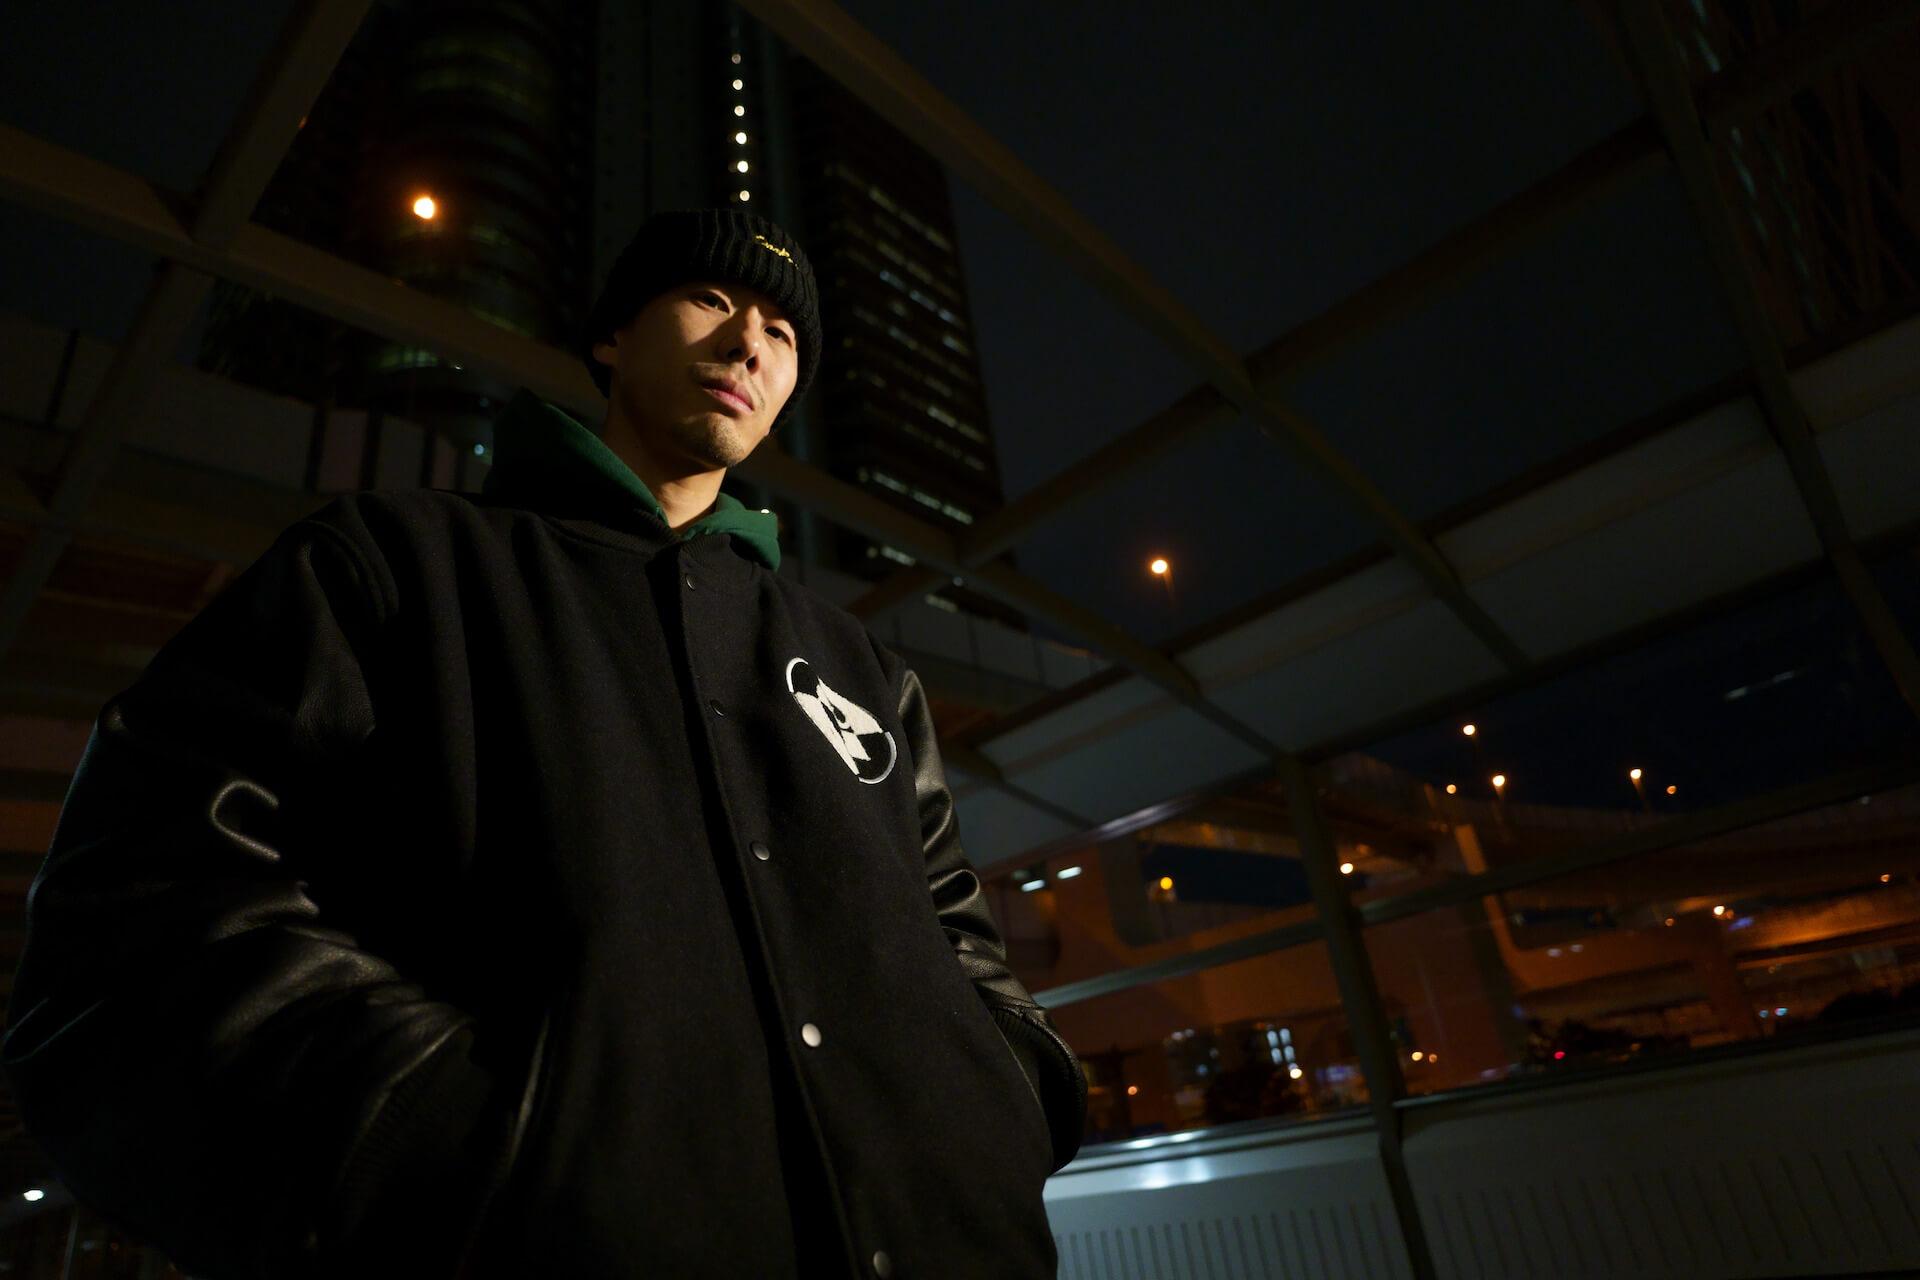 ISSUGIがアルバム『GEMZ』を自身のビートメイカー名義・16FLIPとして新たにリミックス!リサンプリングしたビートも収録 music201112_issugi_16flip_1